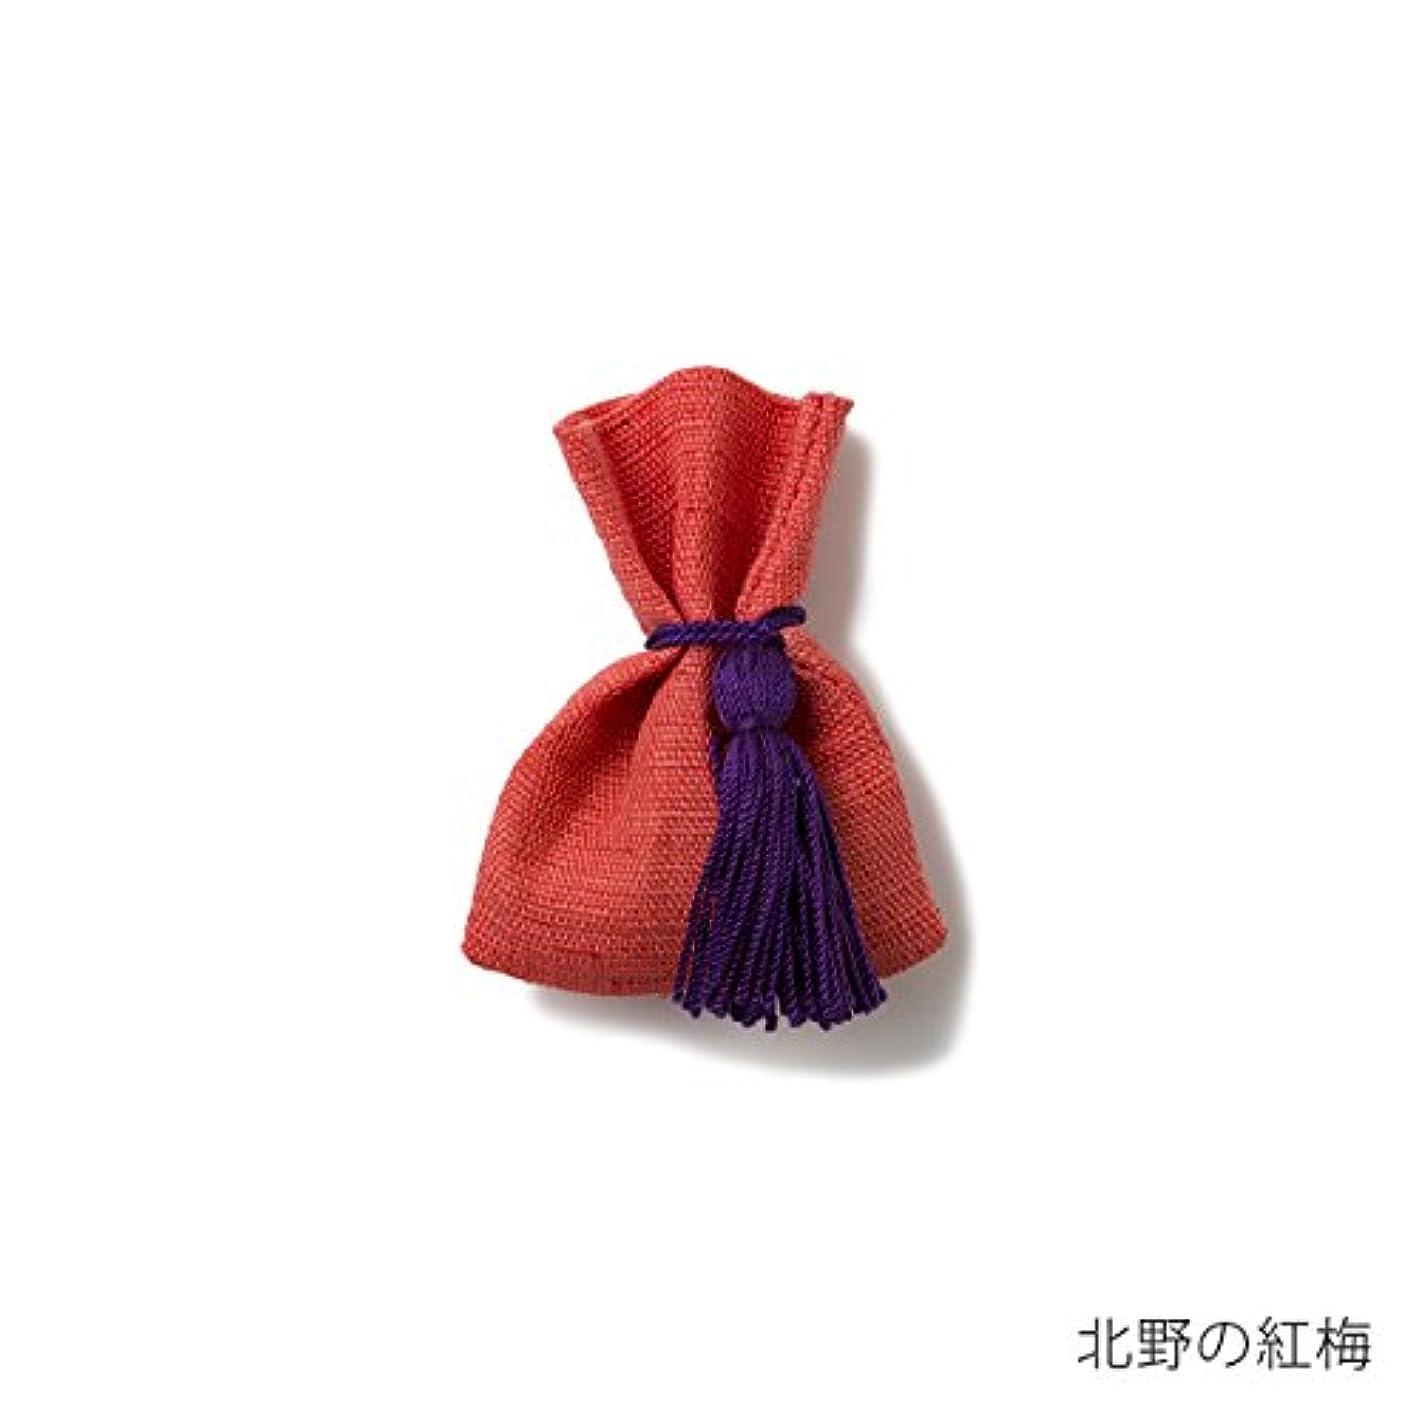 記者ベーリング海峡インタビュー【薫玉堂】 京の香り 香袋 北野の紅梅